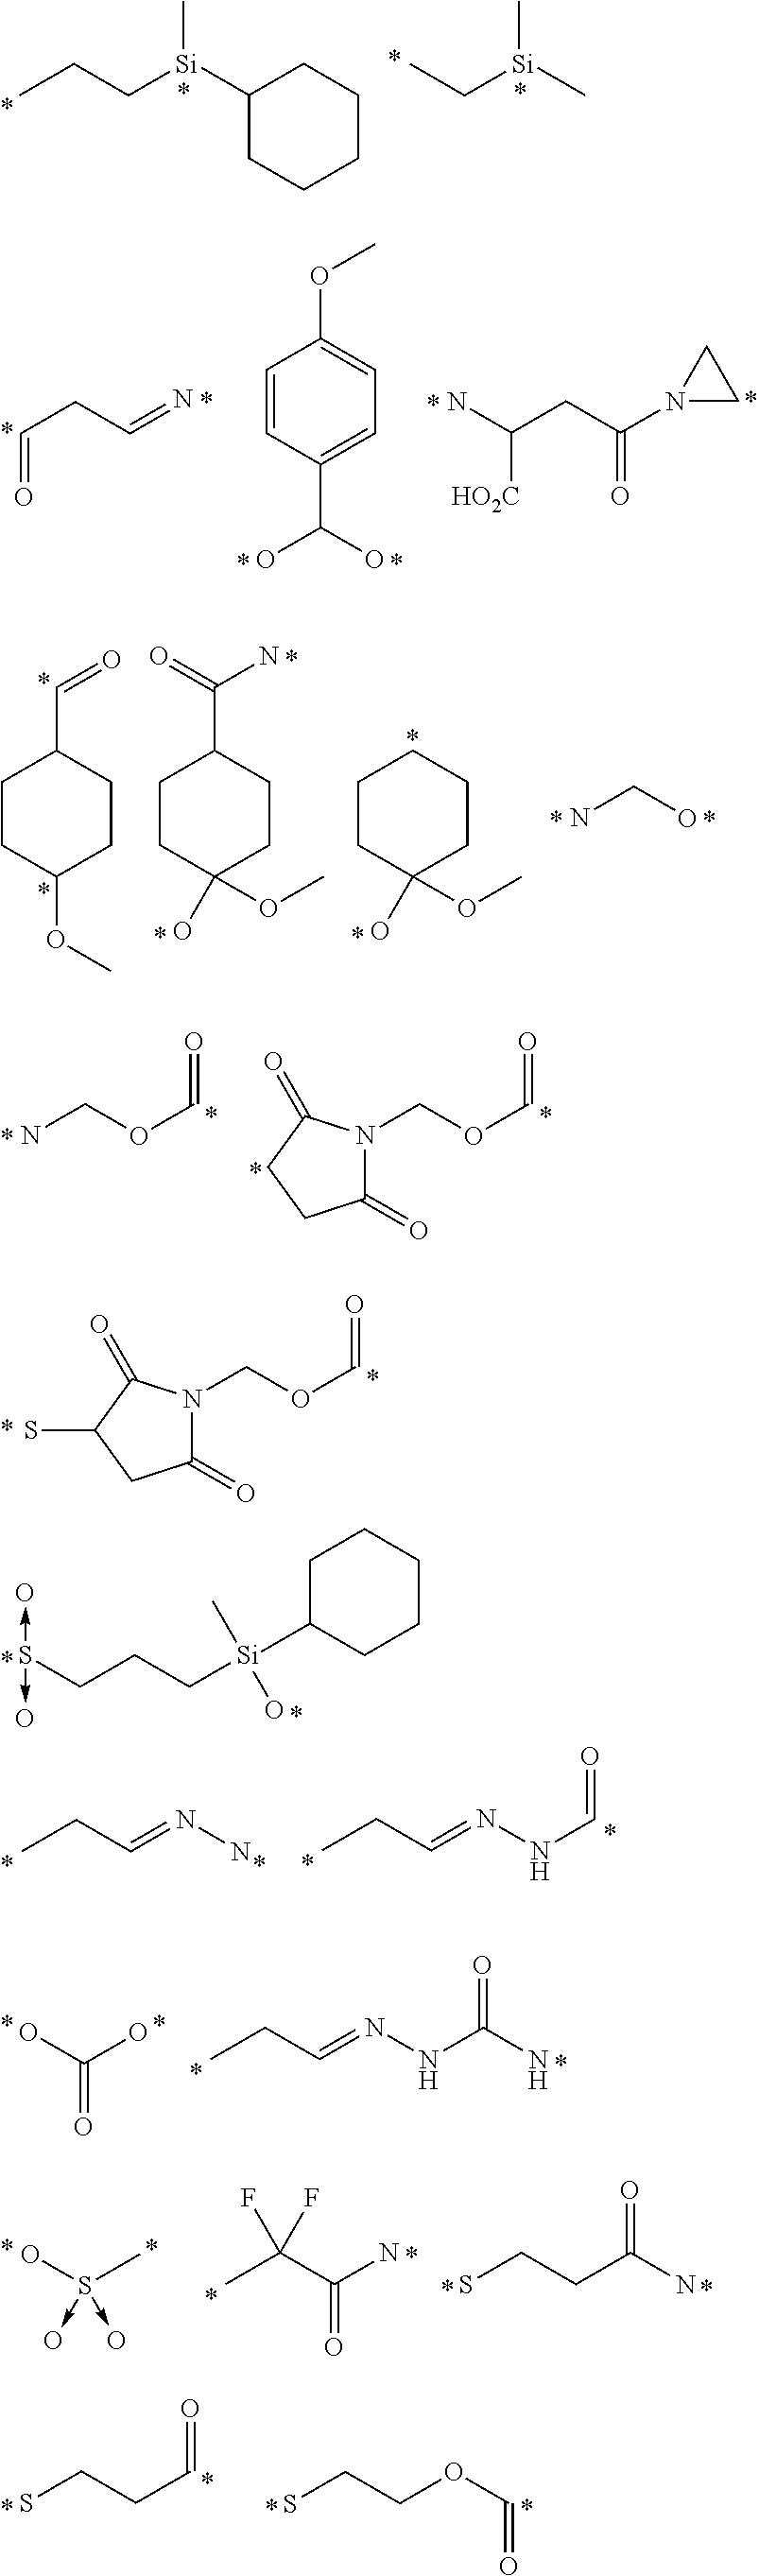 Figure US09662402-20170530-C00071